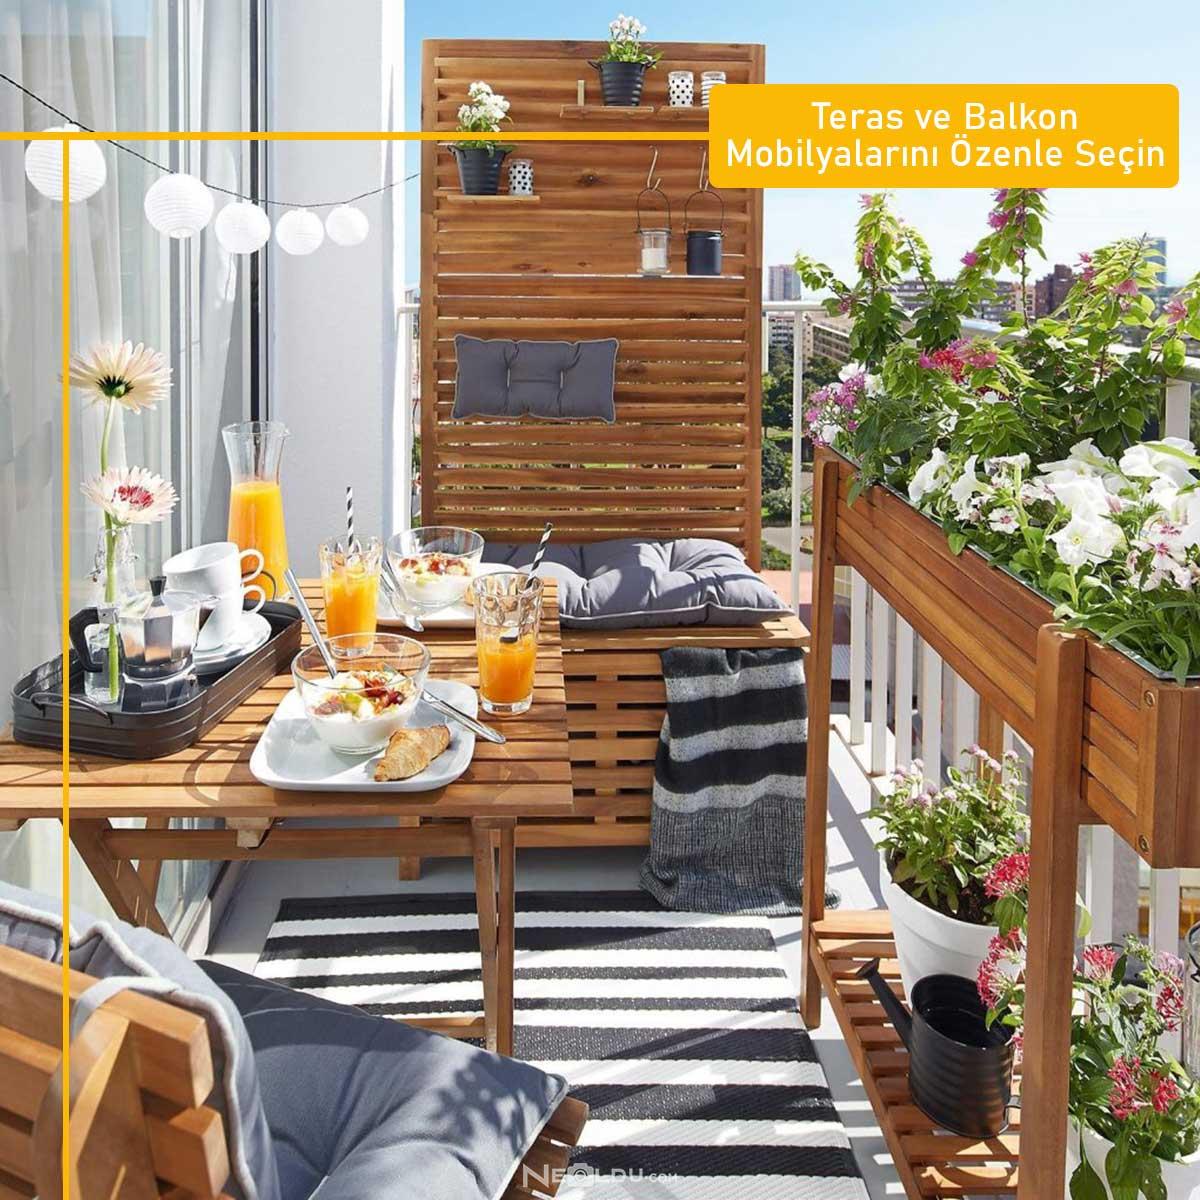 teras-ve-balkon-mobilyalarini-ozenle-secin.jpg